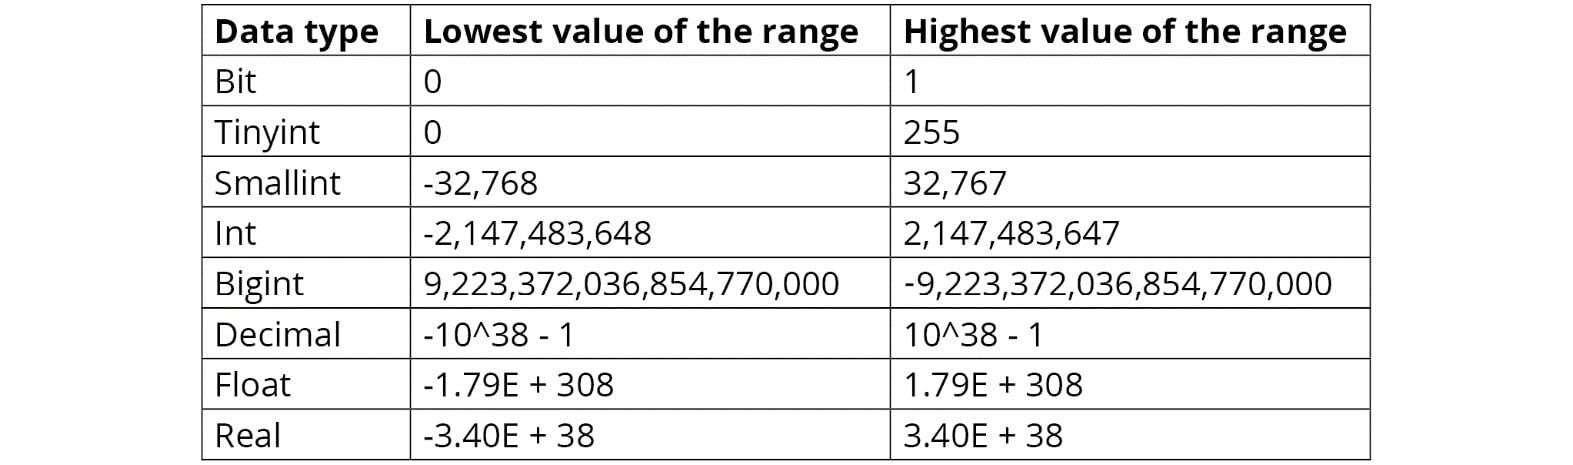 Figure 1.9: Numeric data types